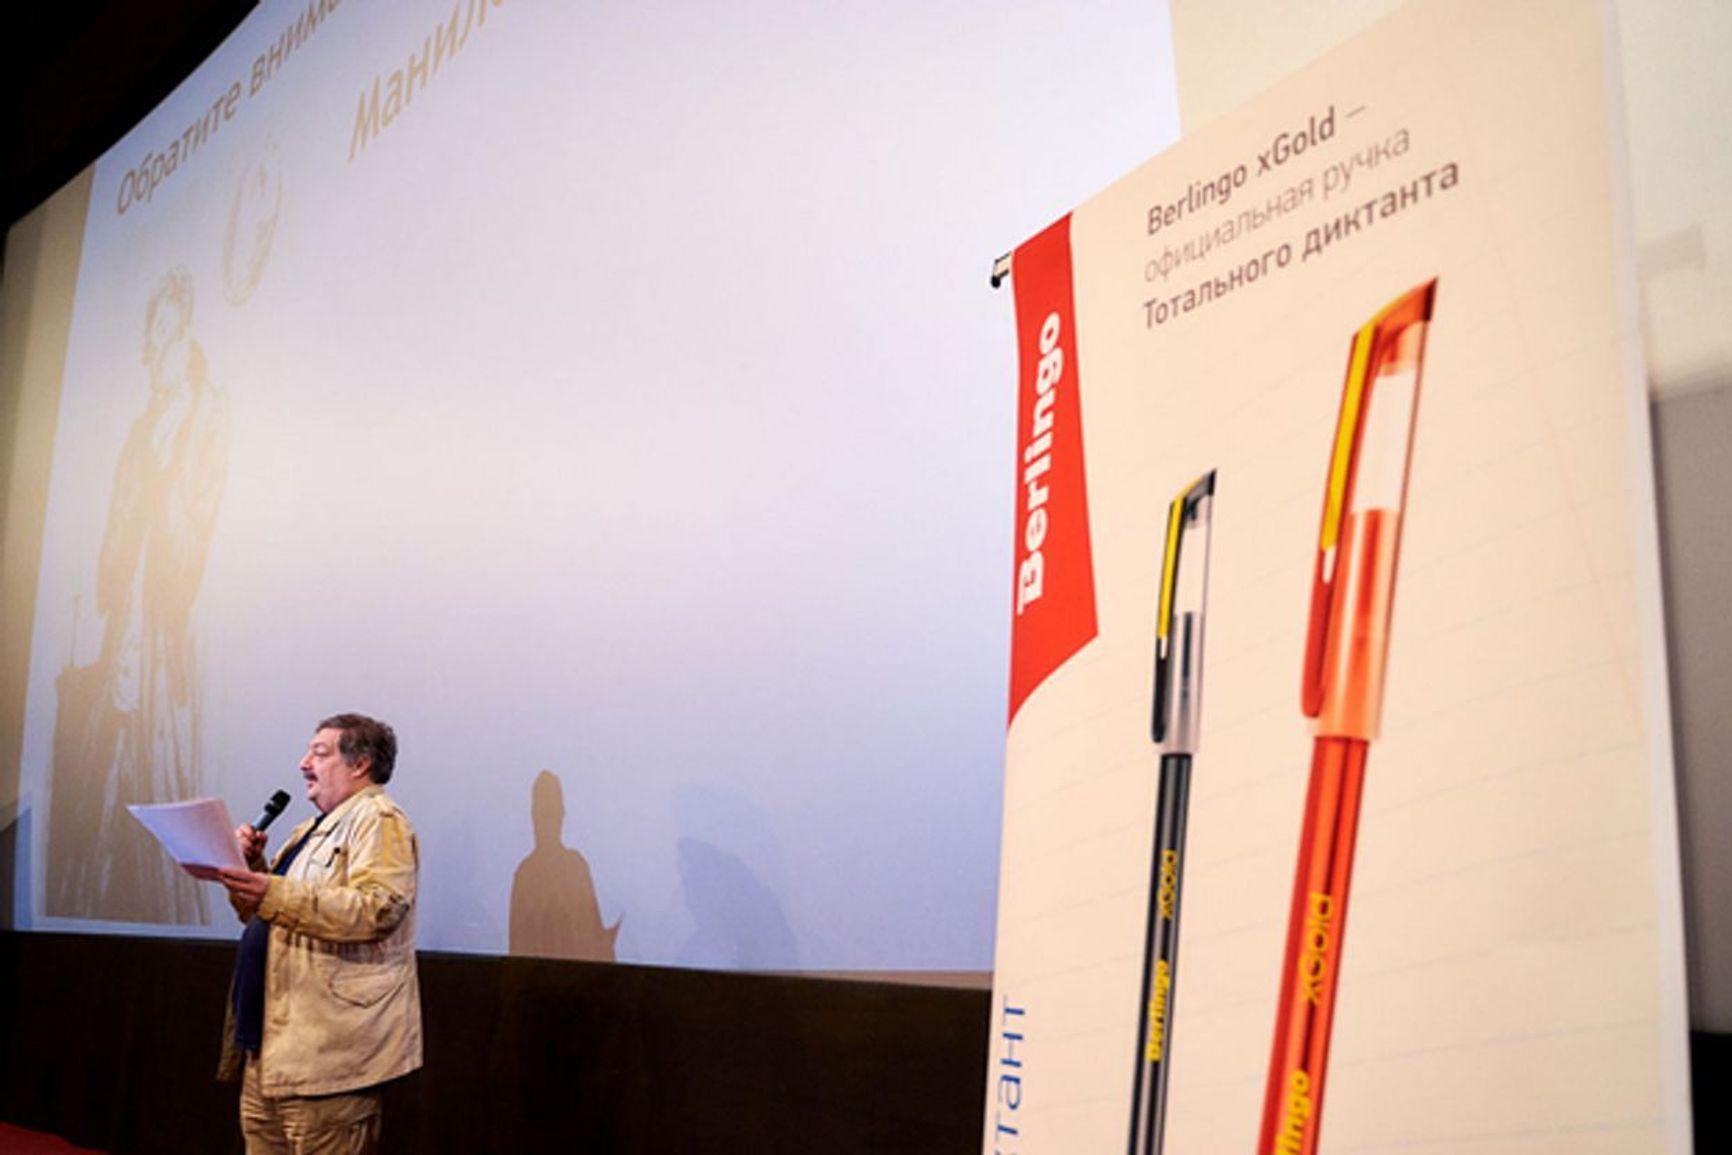 Dmitry Bykov speaks at the Total Dictation